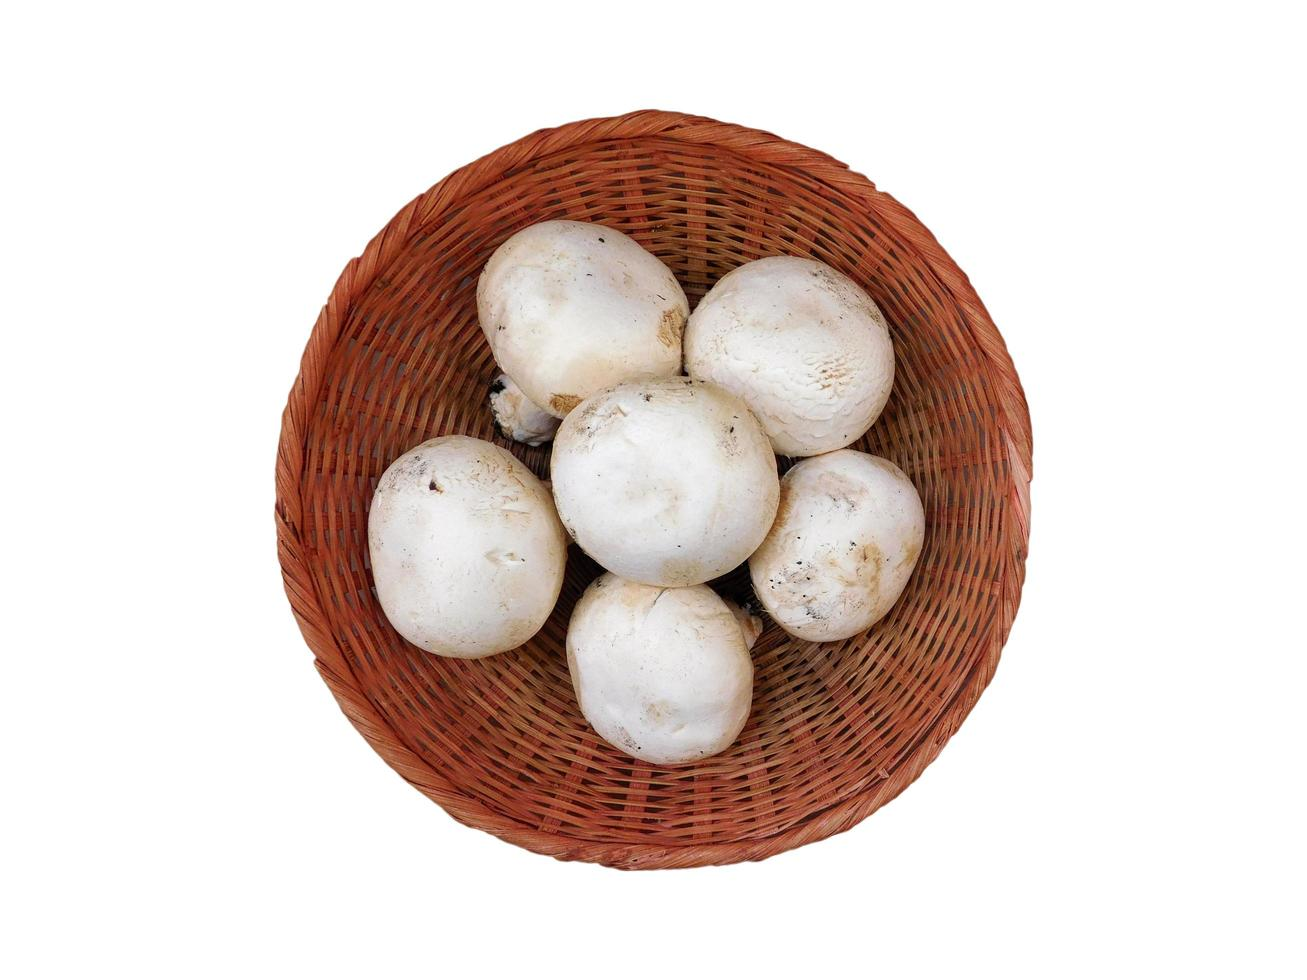 witte champignons in een rieten mand geïsoleerd op een witte achtergrond foto